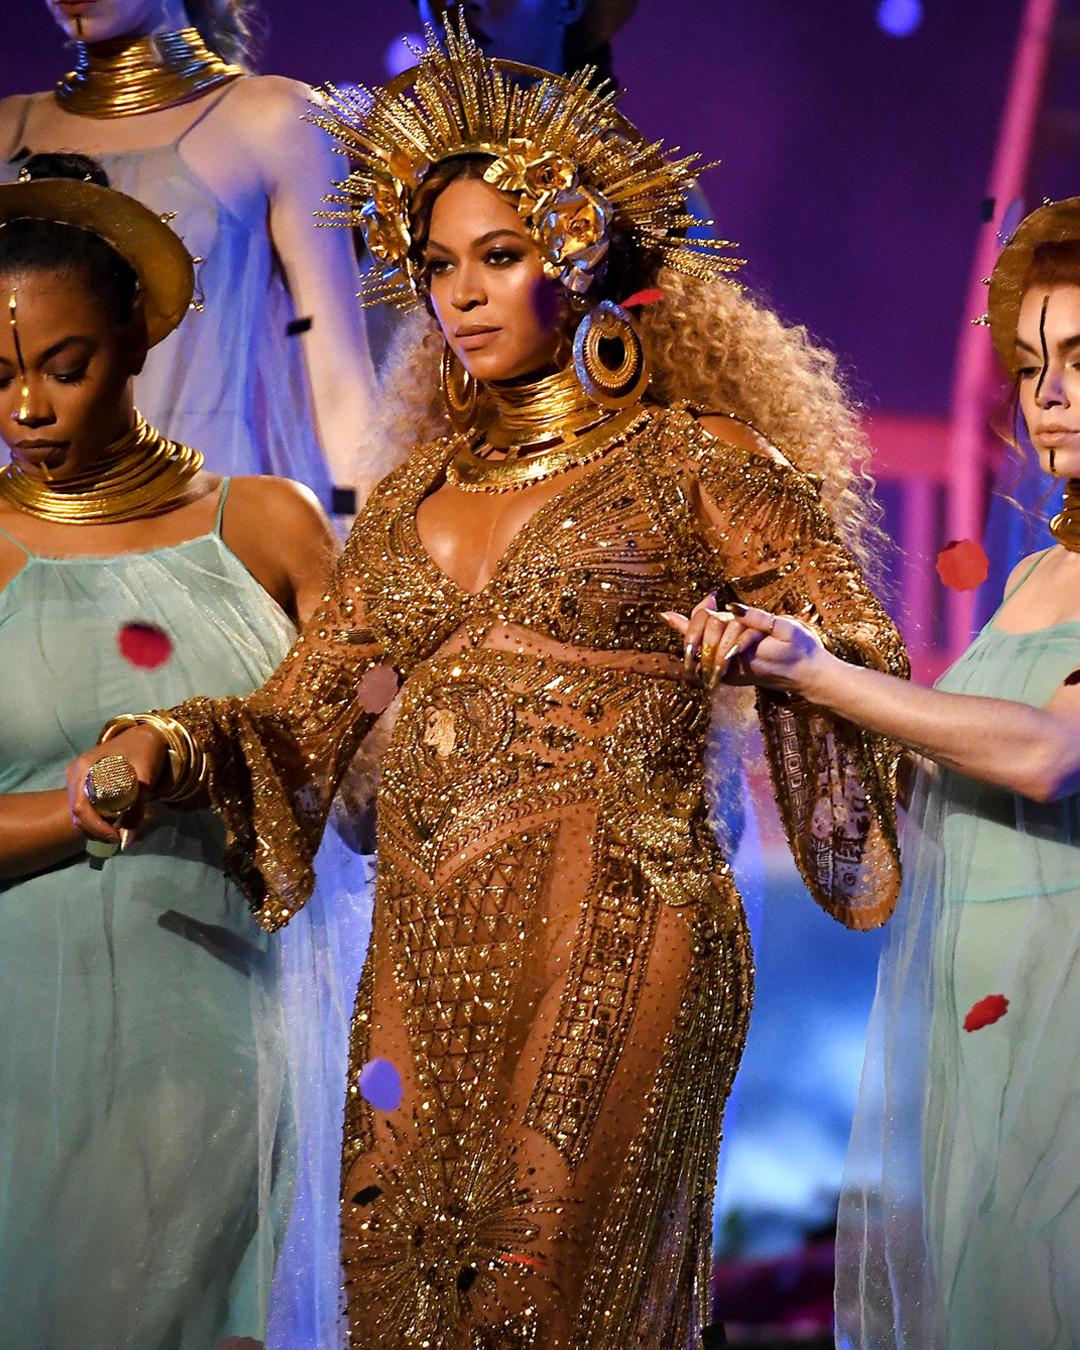 ESC: Beyonce, Festival Headliners